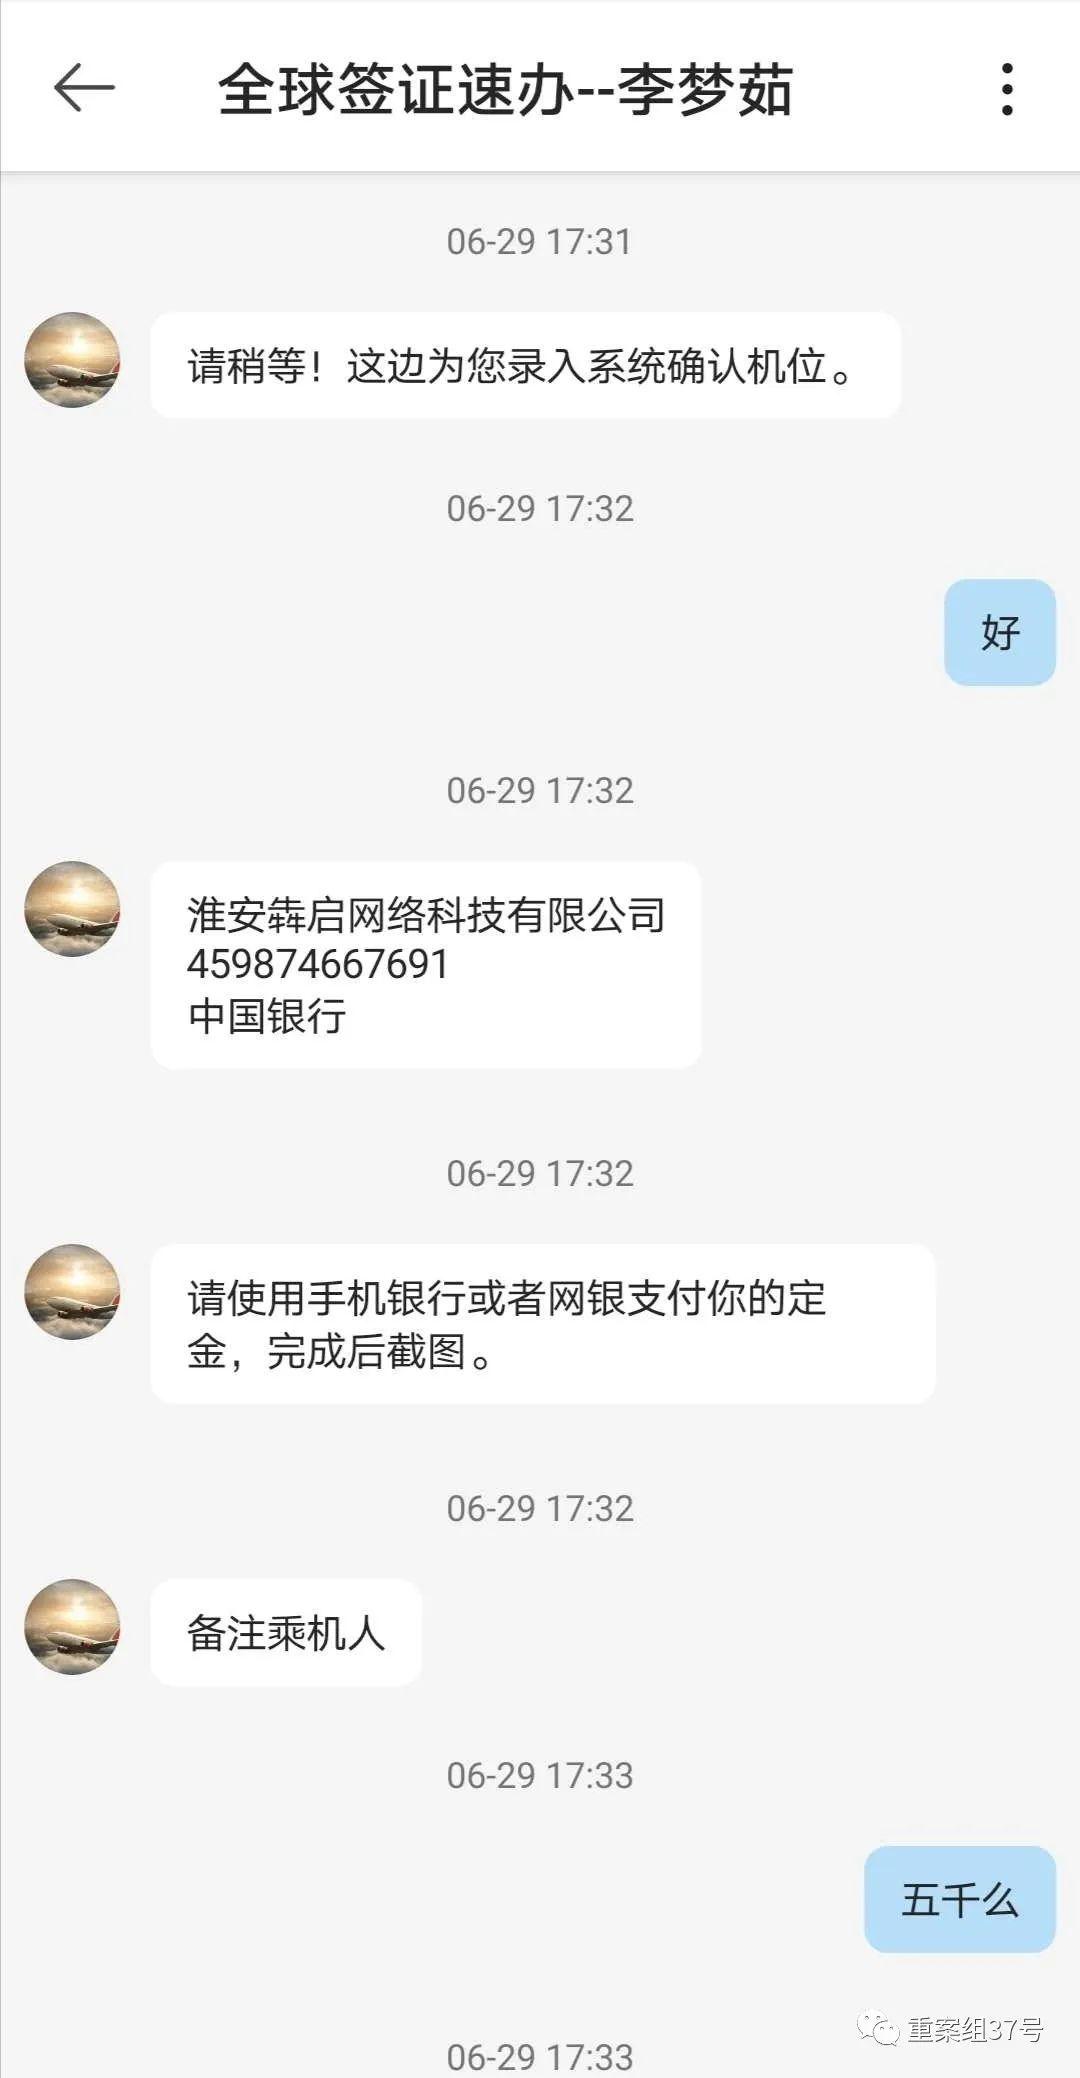 【阳江快猫网址】_网购回国机票遇假代理,65名留学生被骗近170万元